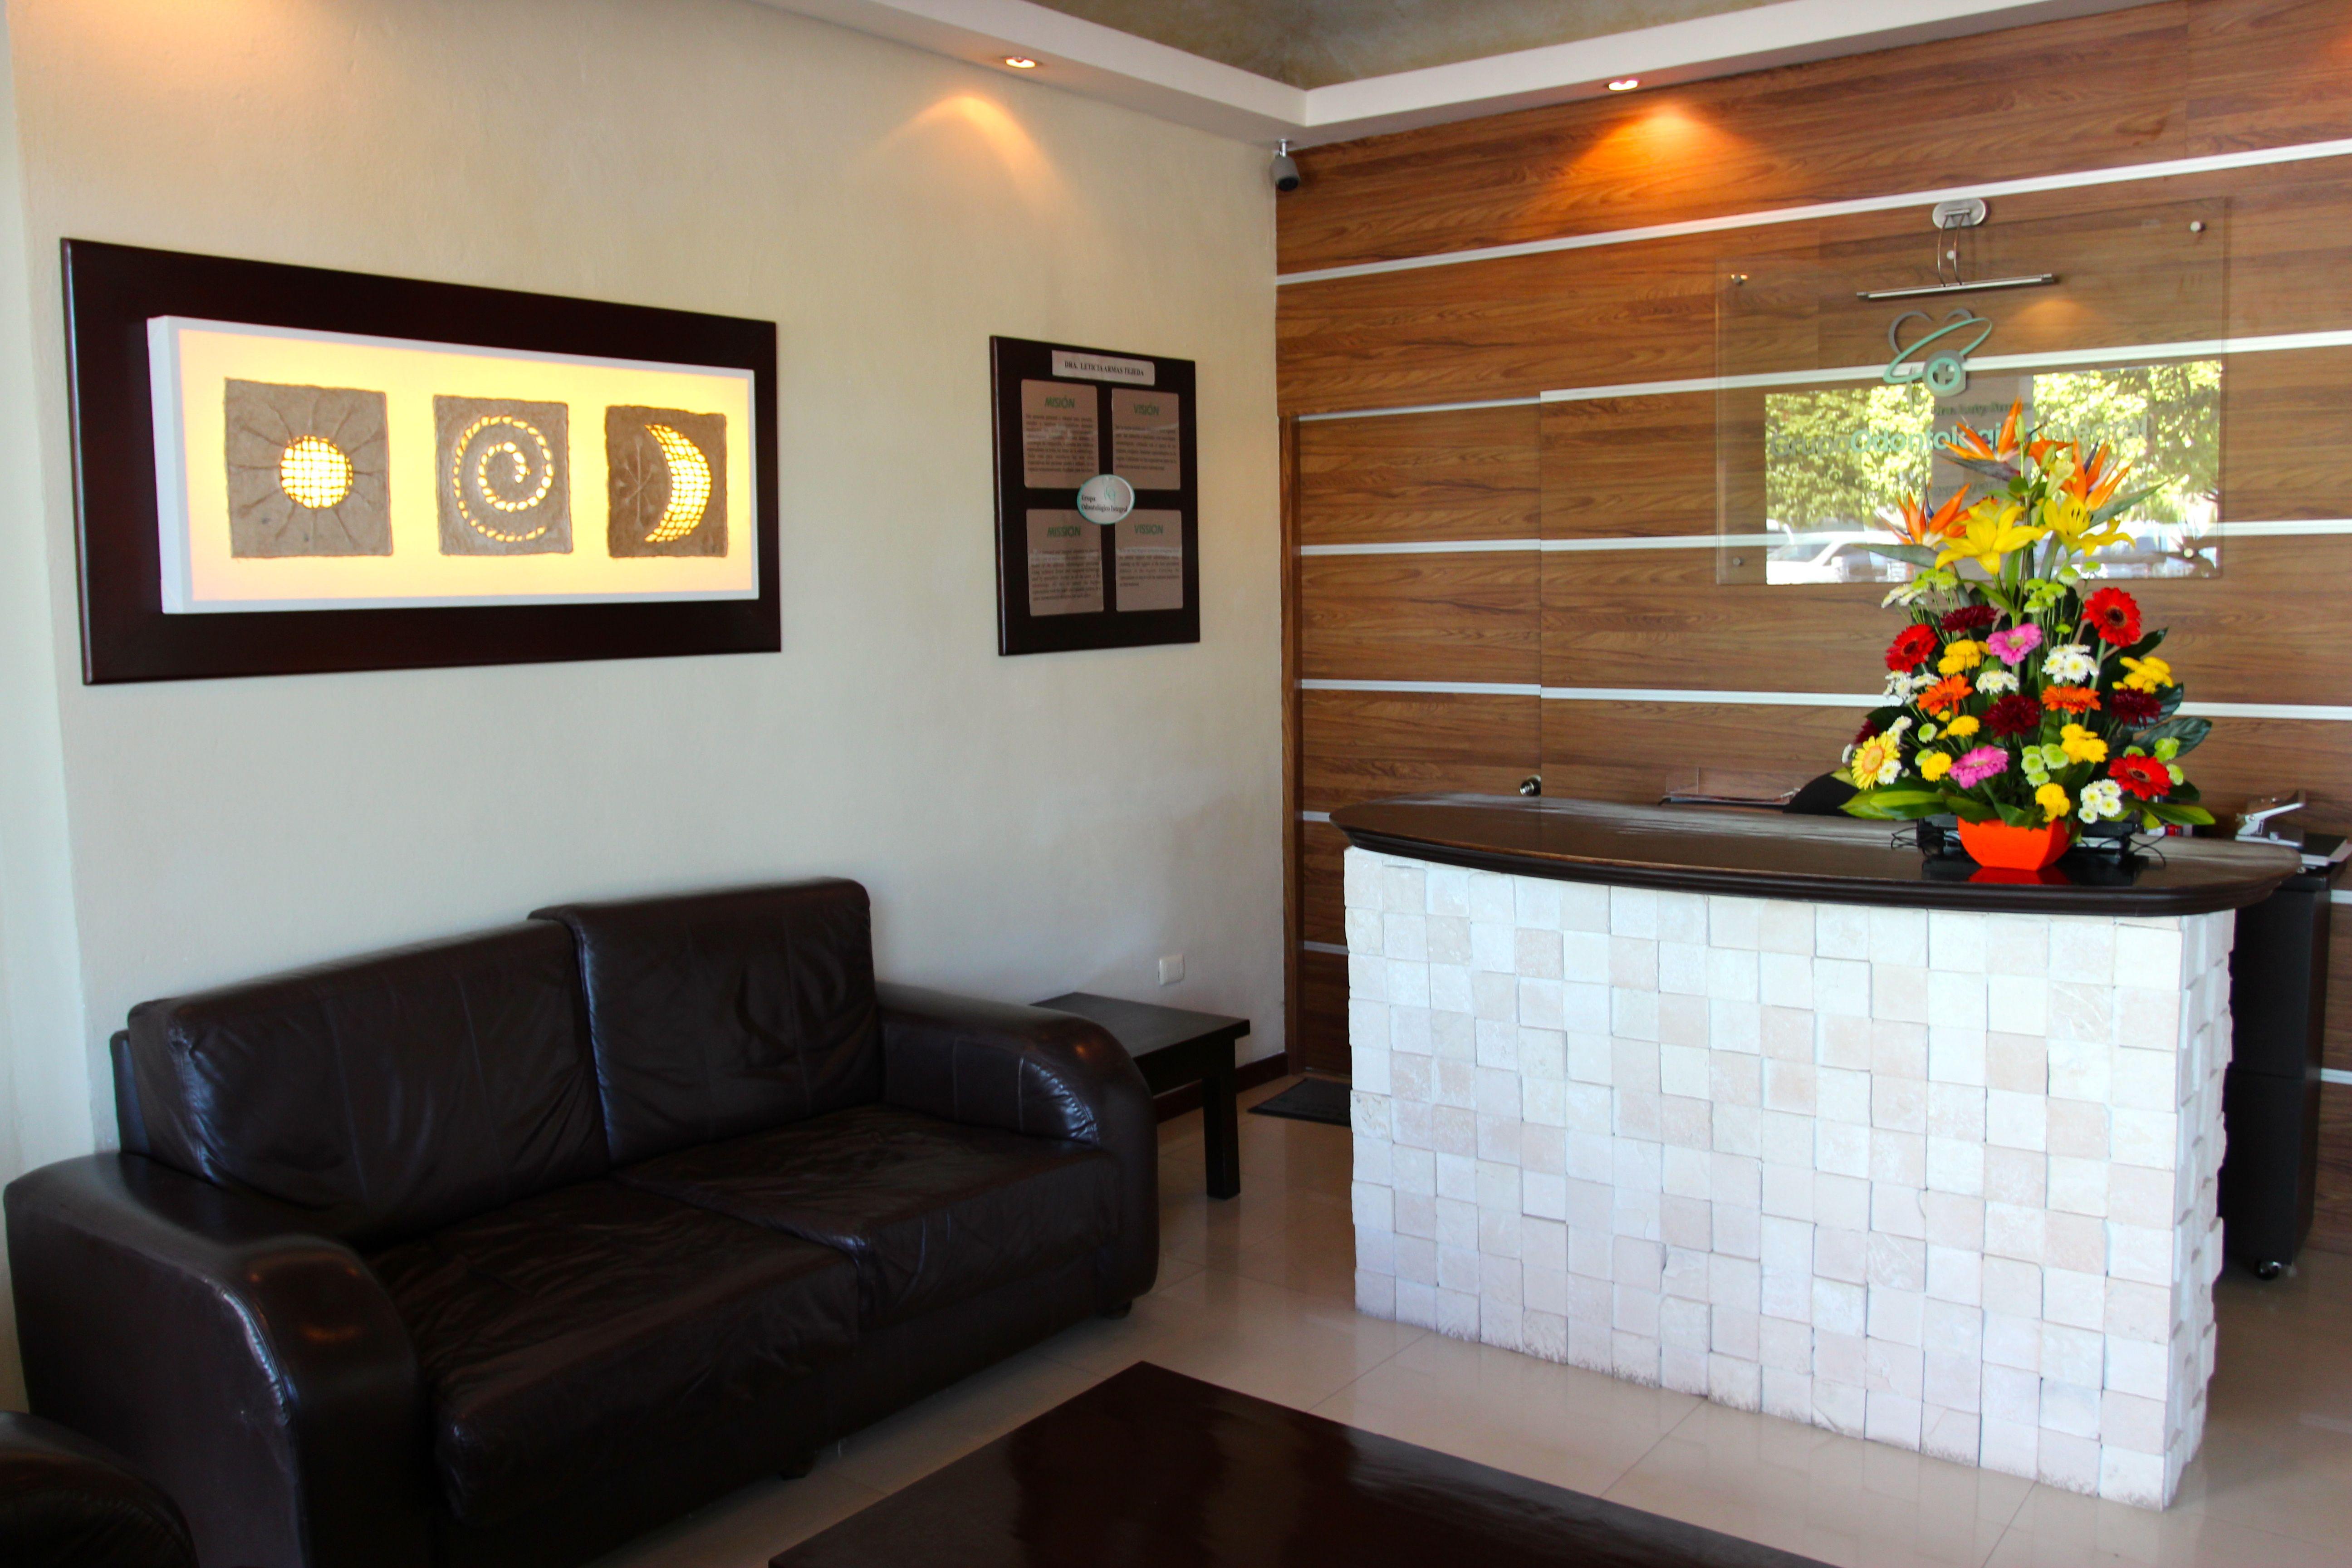 Integral Dental Service -Dra. Lety Armas - Puerto Vallarta